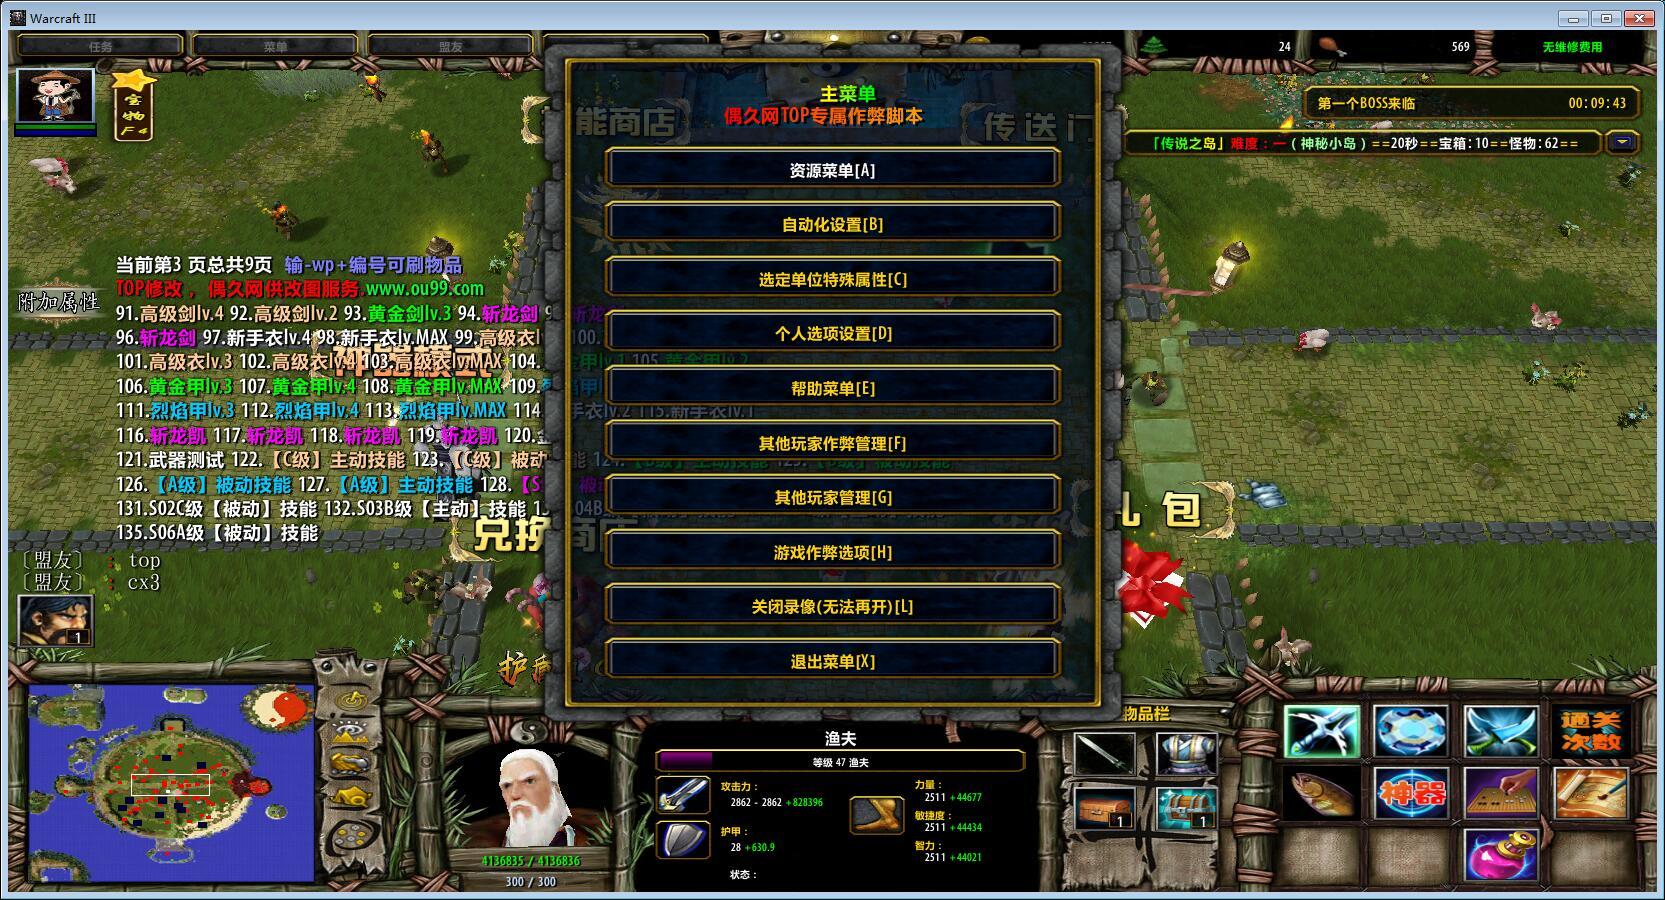 传说之岛1.3.0破解版 全商城特权+存档通关道具+4级宝箱+地图等级99+刷物品无CD